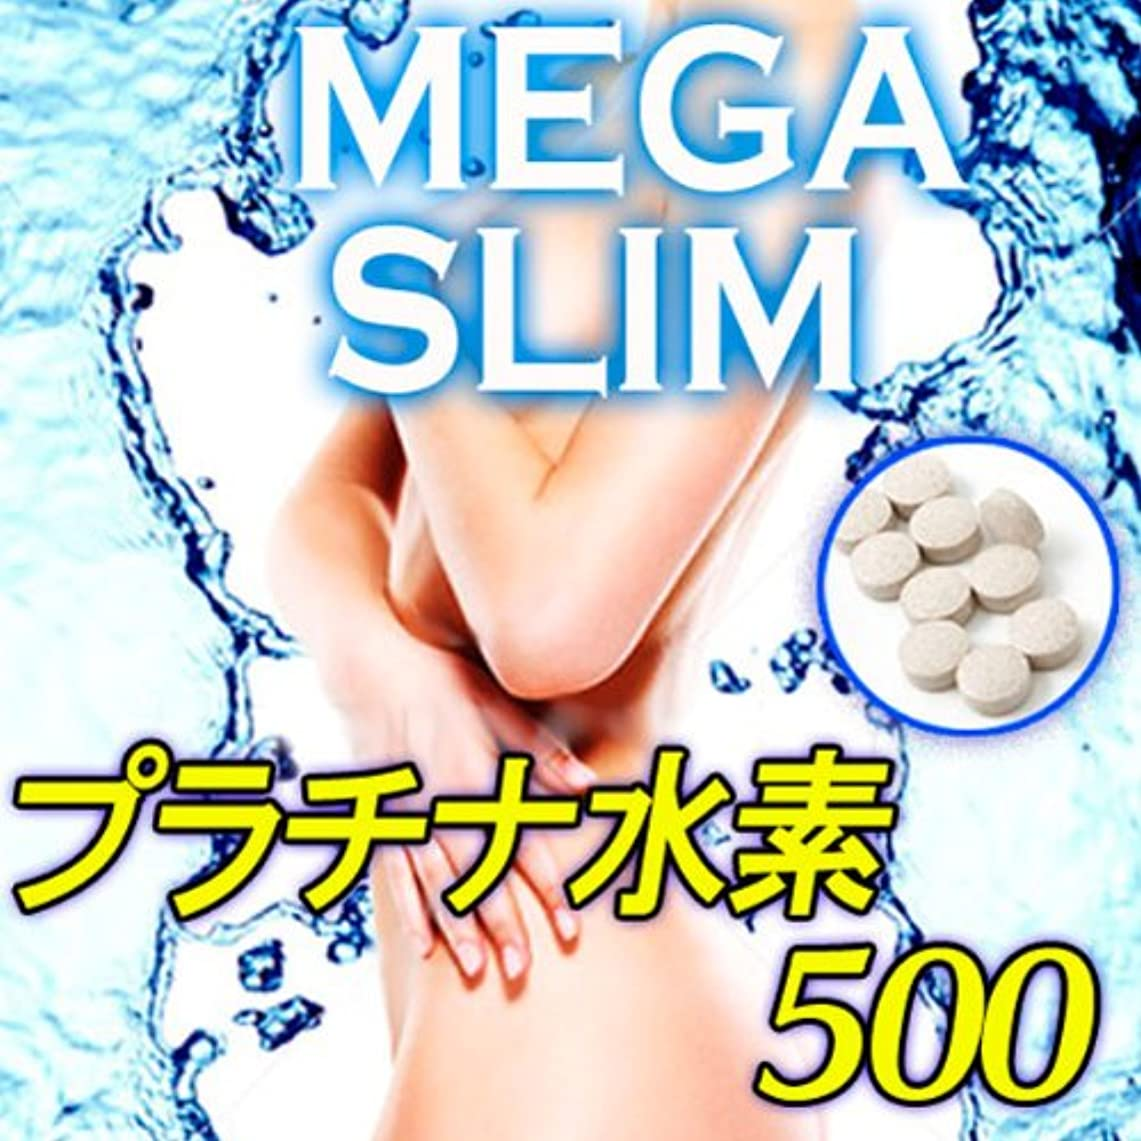 臨検腹痛スチュワーデスメガスリム プラチナ水素500 (1個)